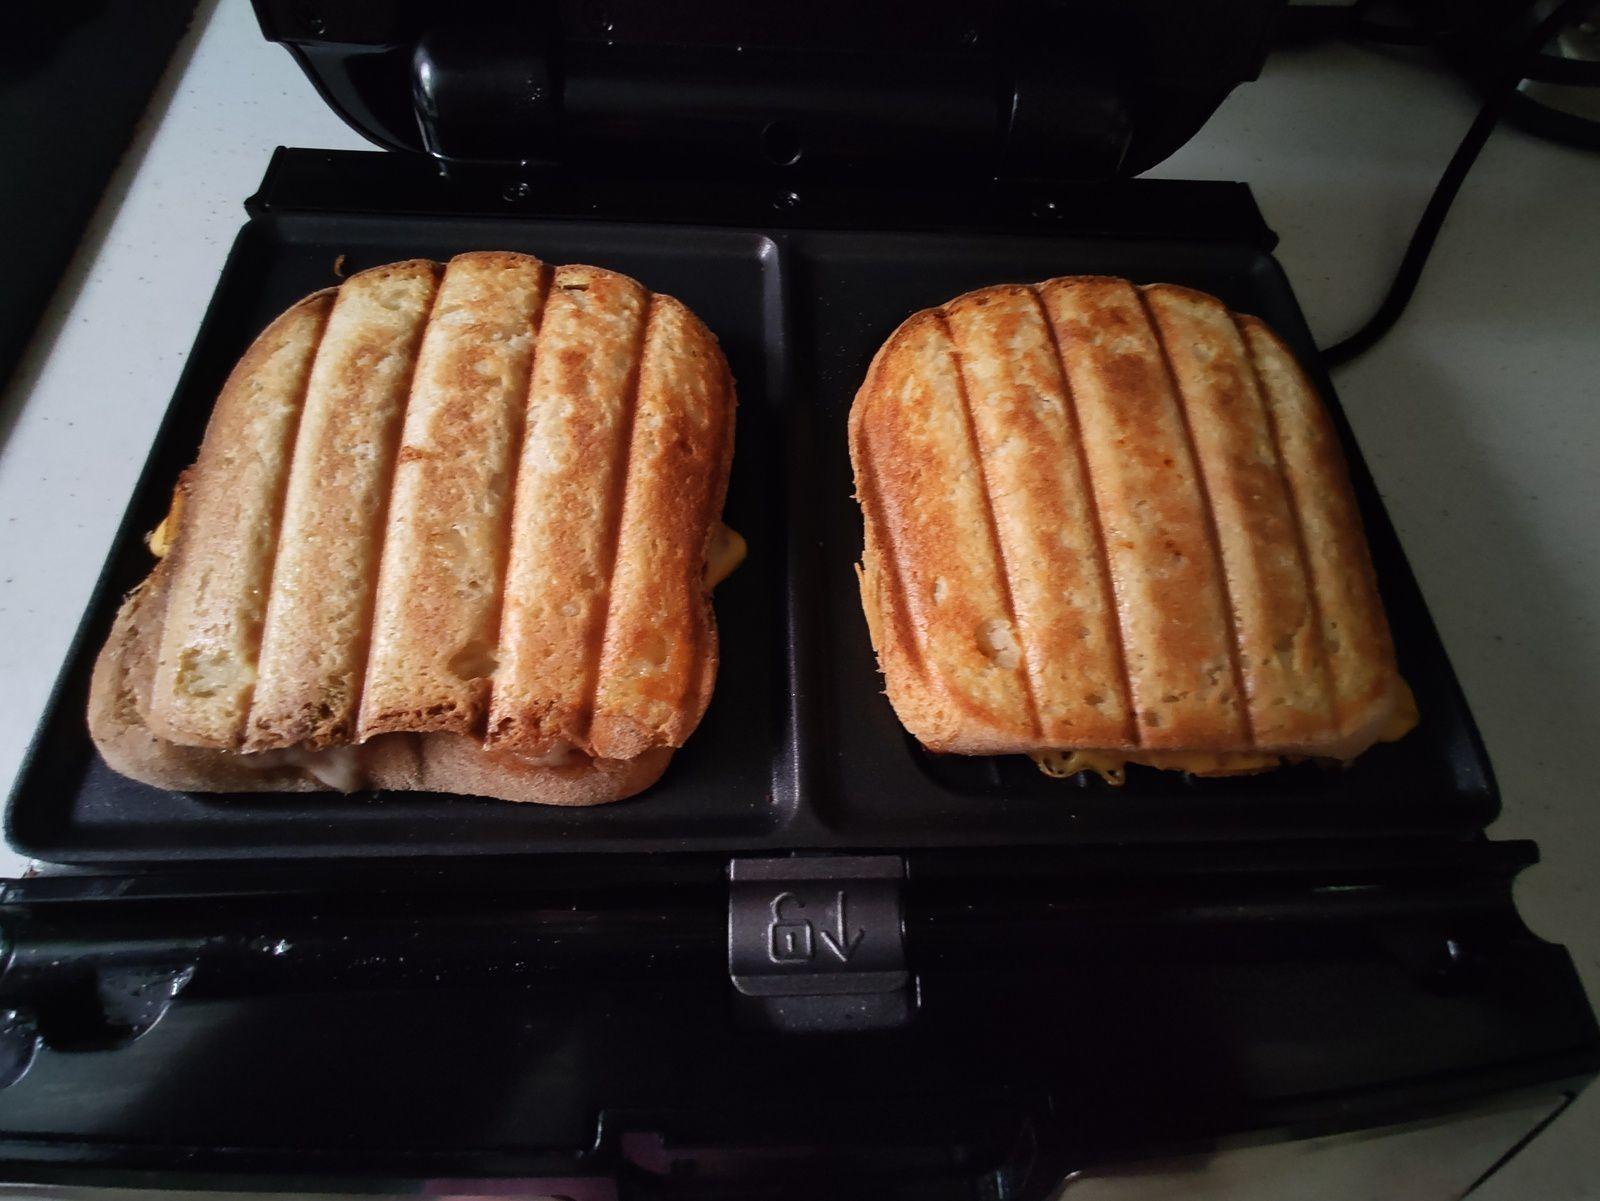 Mes croques Monsieurs sans gluten au chèvre jambon Italien tomates séchées